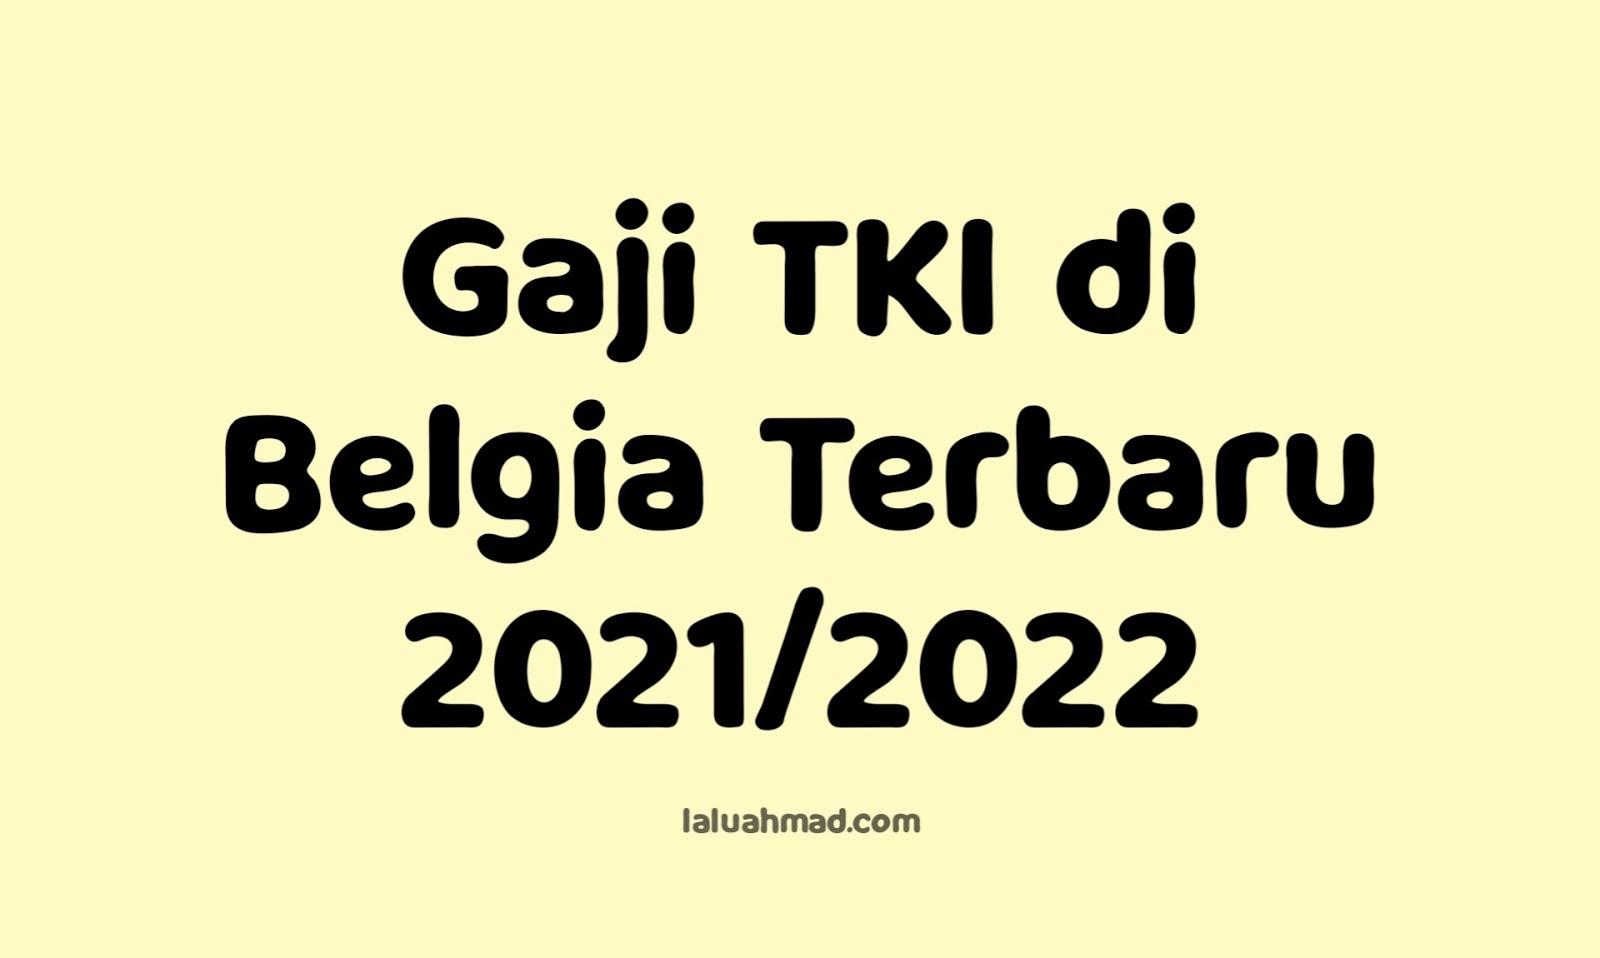 Gaji TKI di Belgia Terbaru 2021/2022